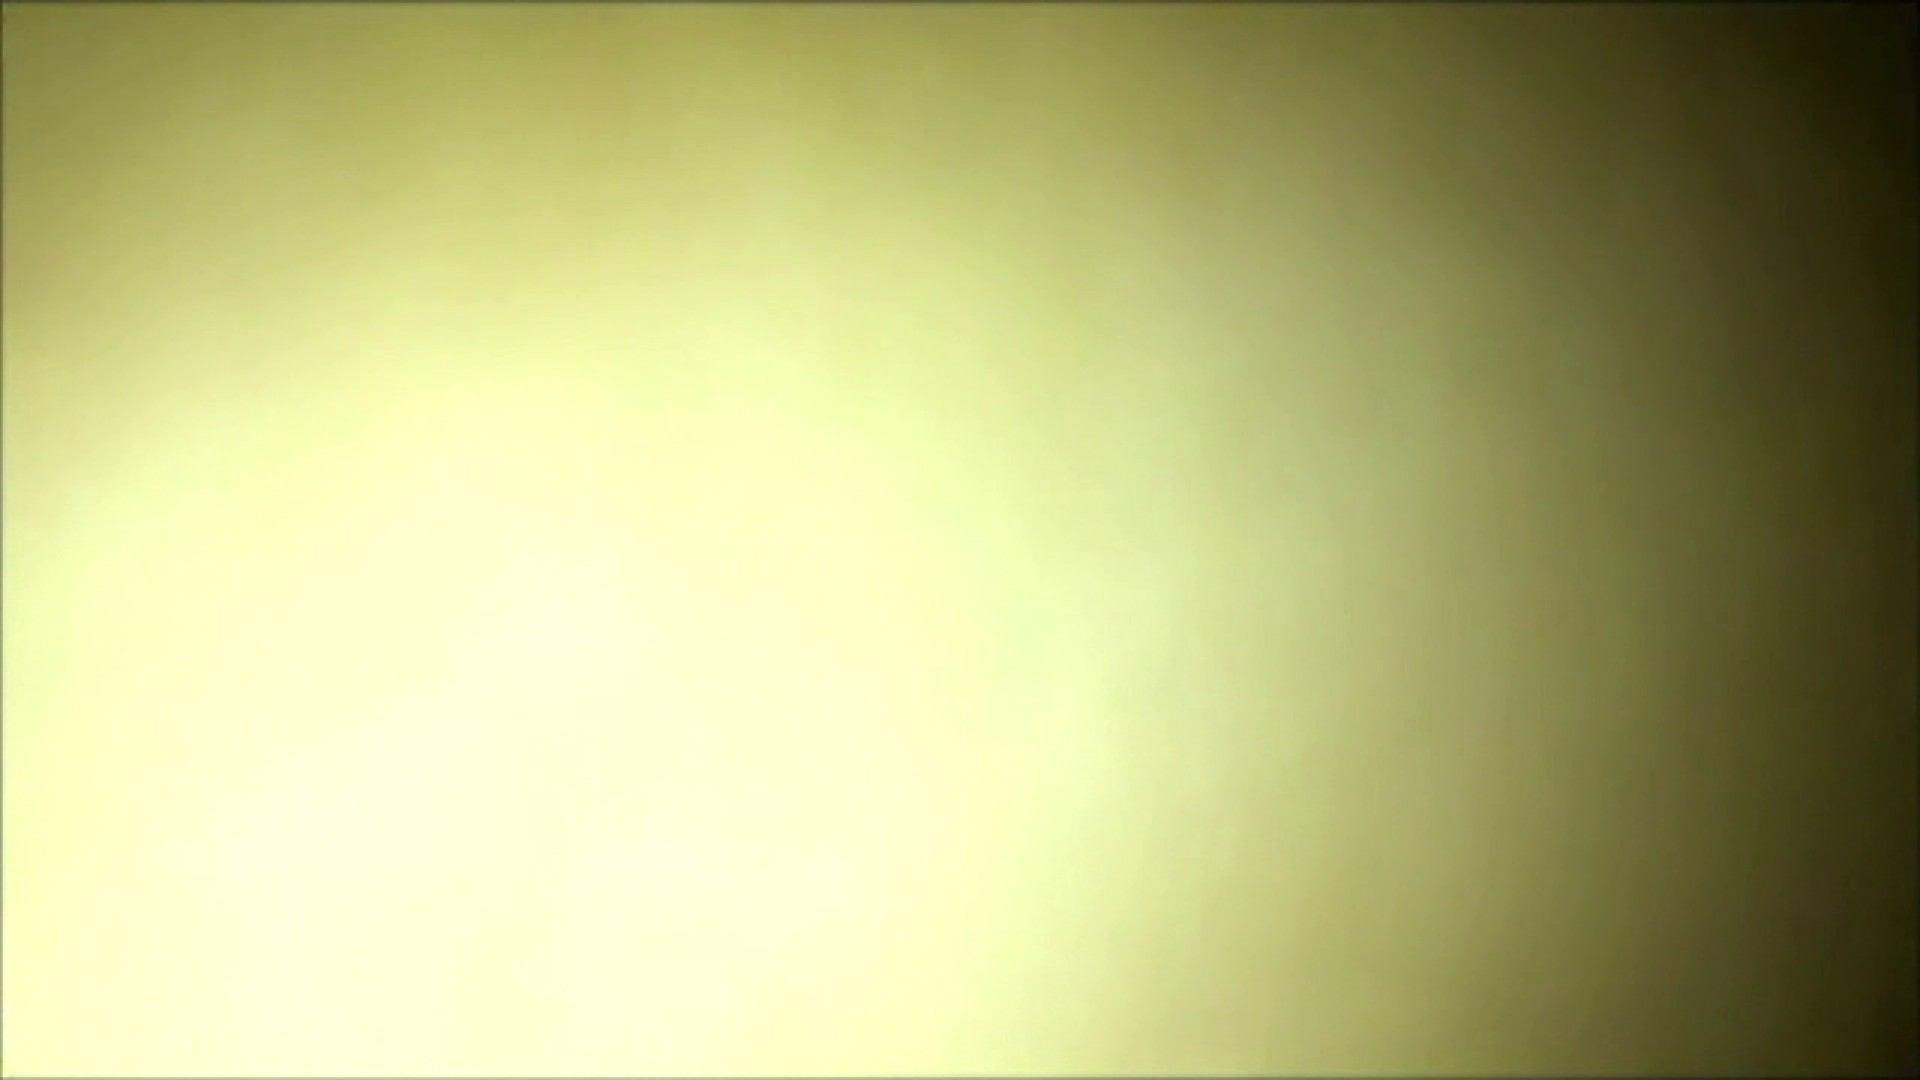 魔術師の お・も・て・な・し vol.15 ギャル系女子大生にブチ込ム! 悪戯  92画像 55